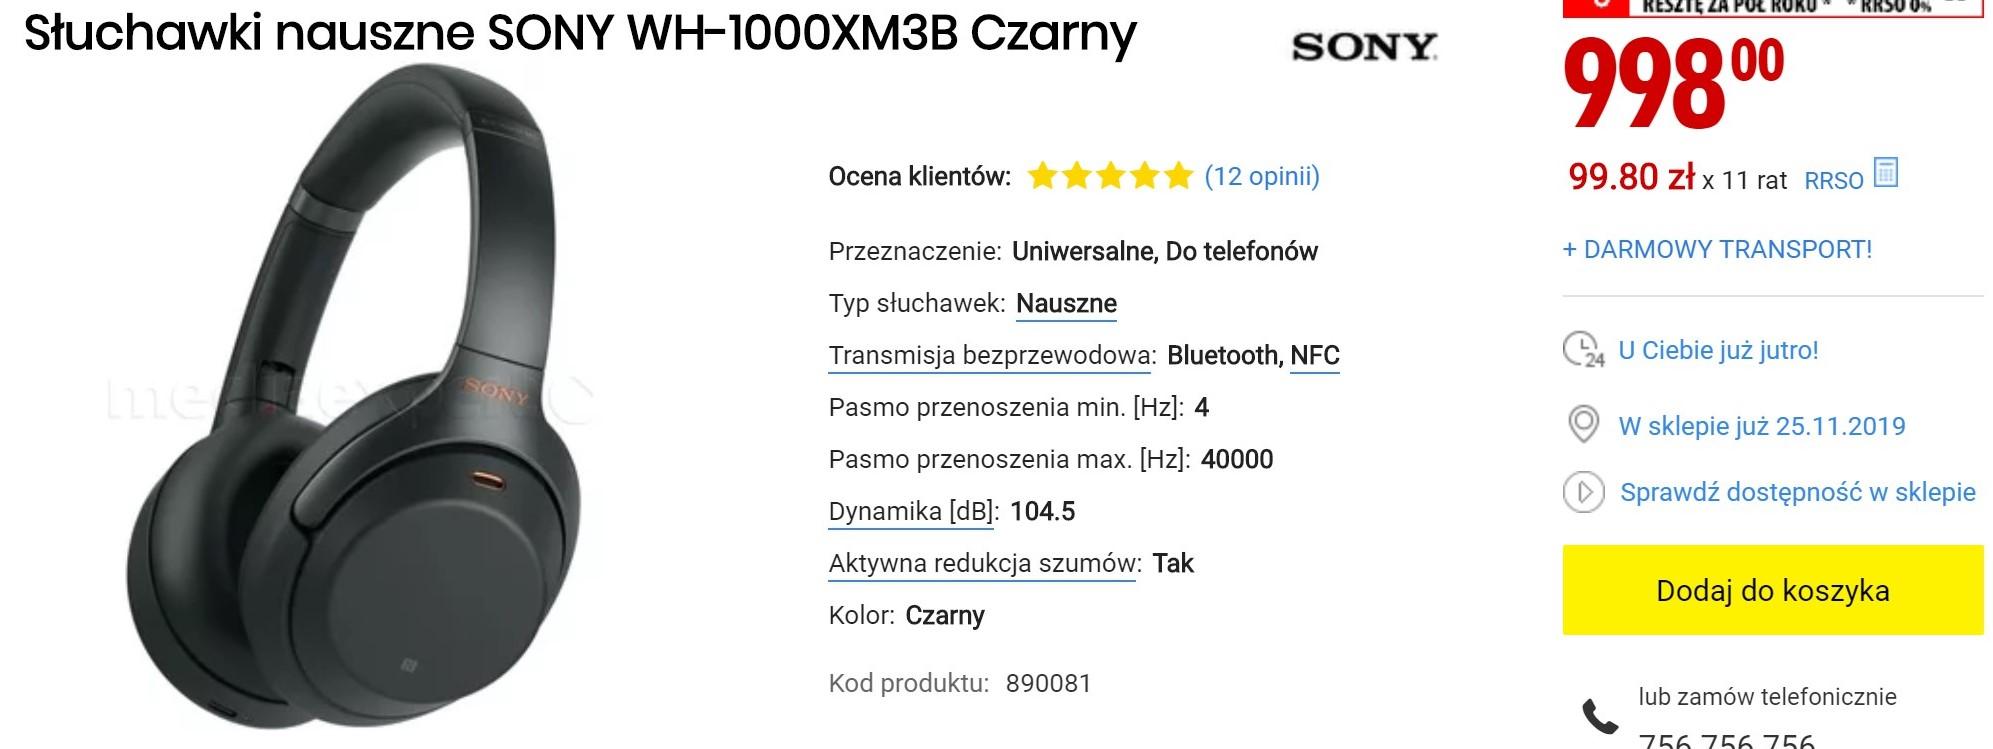 Bezprzewodowe słuchawki Sony WH-1000XM3 w świetnej cenie - brać! 21